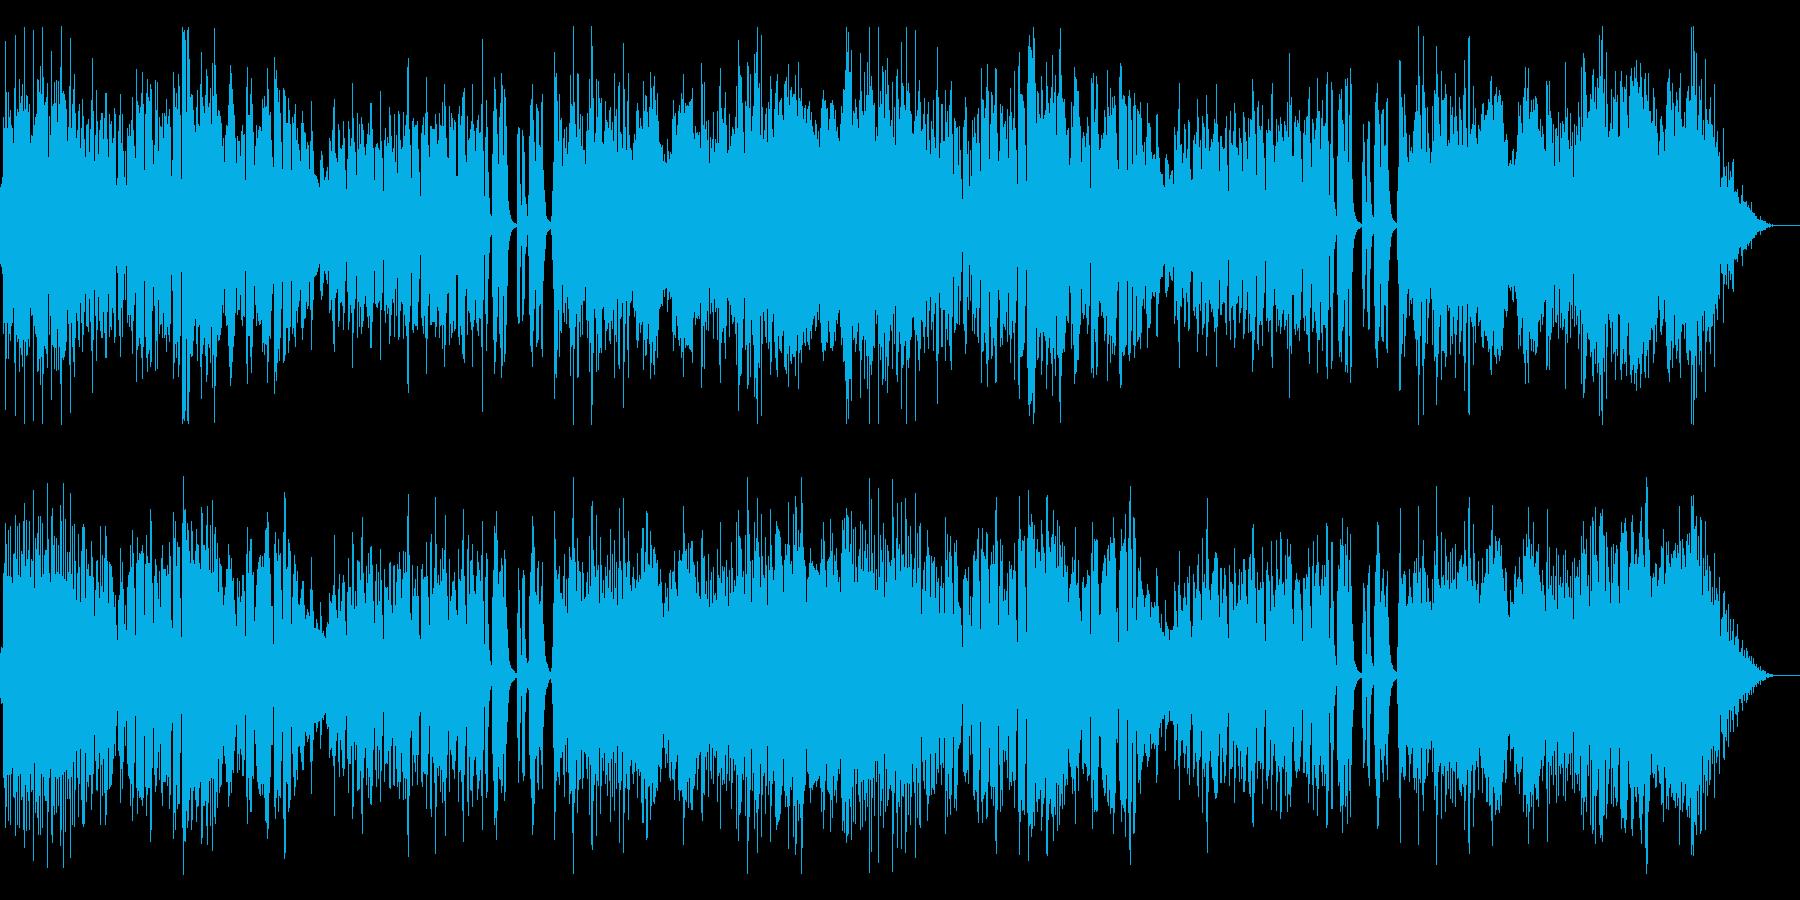 妖しい雰囲気のオーケストラ楽曲の再生済みの波形